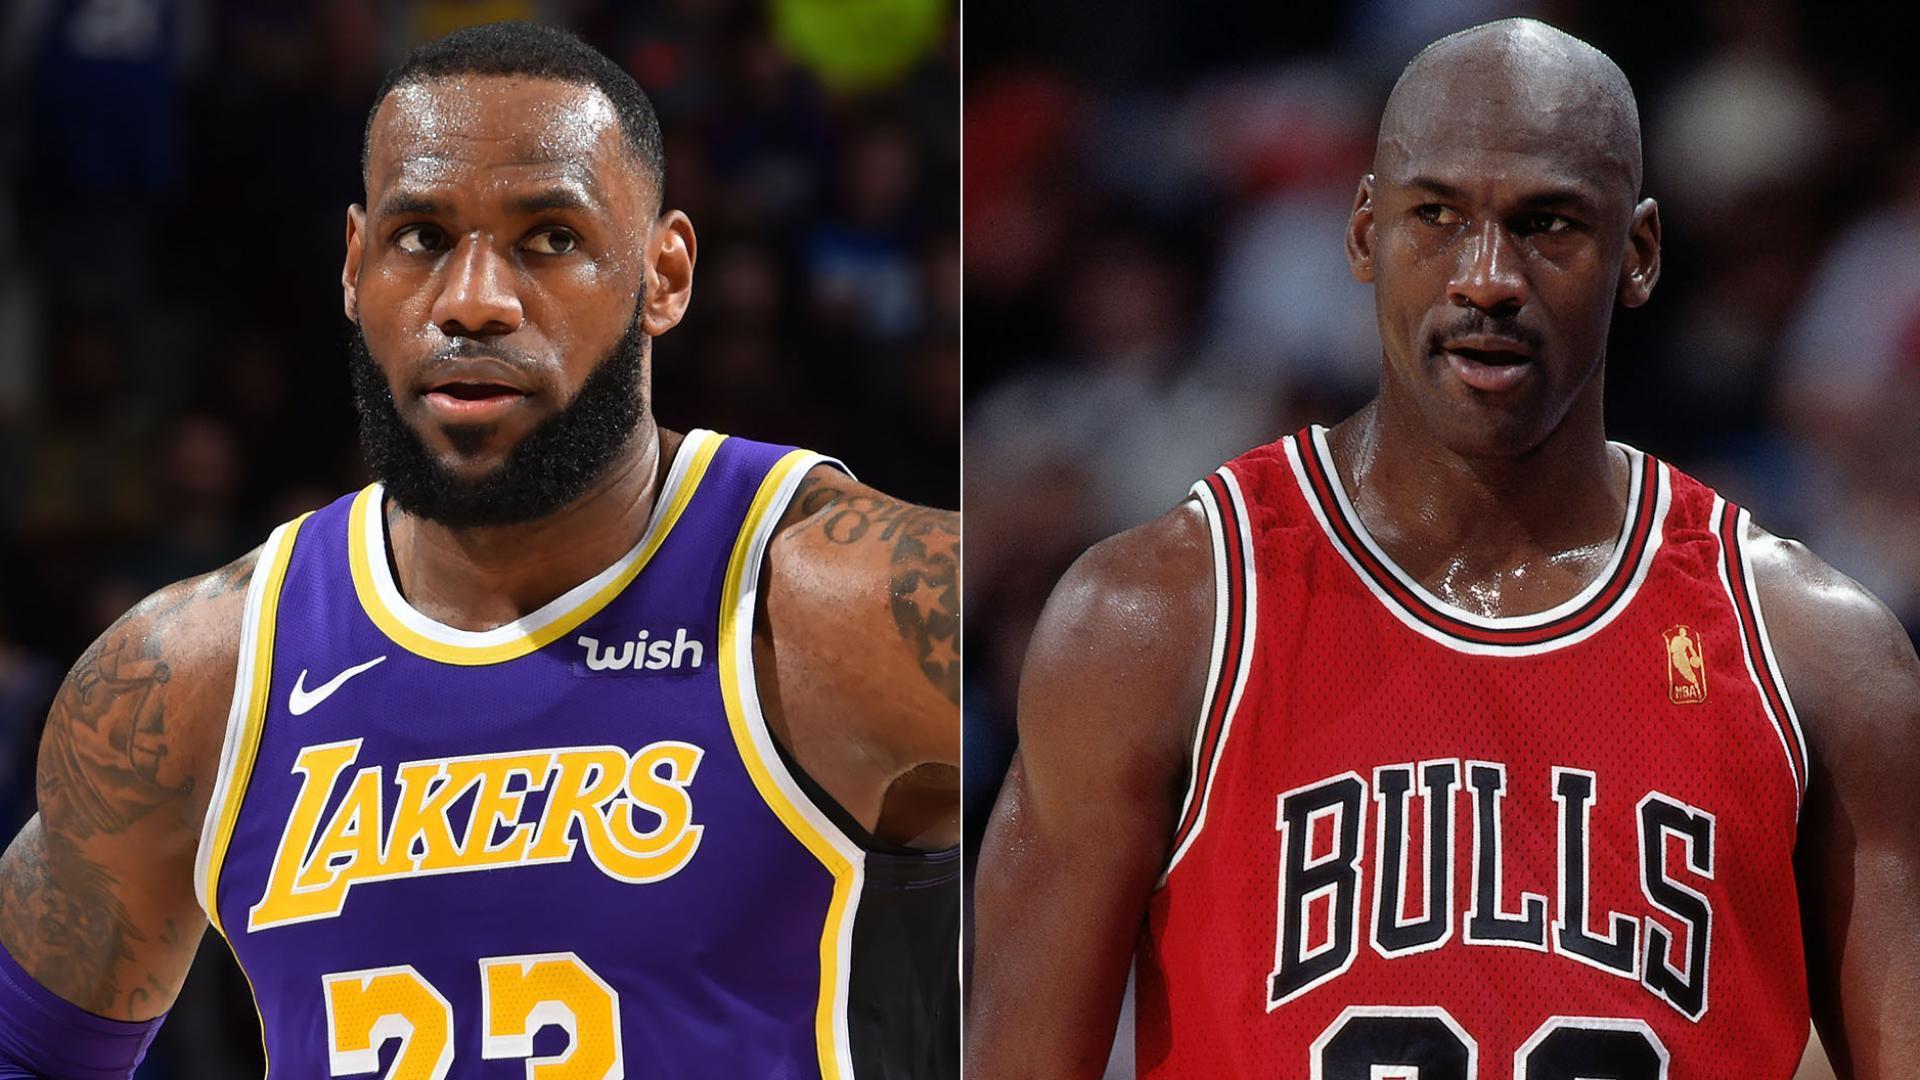 美媒評選NBA真正能夠稱得上影響世界的球員僅有4位,喬丹、詹姆斯在列,Curry未上榜!-Haters-黑特籃球NBA新聞影音圖片分享社區